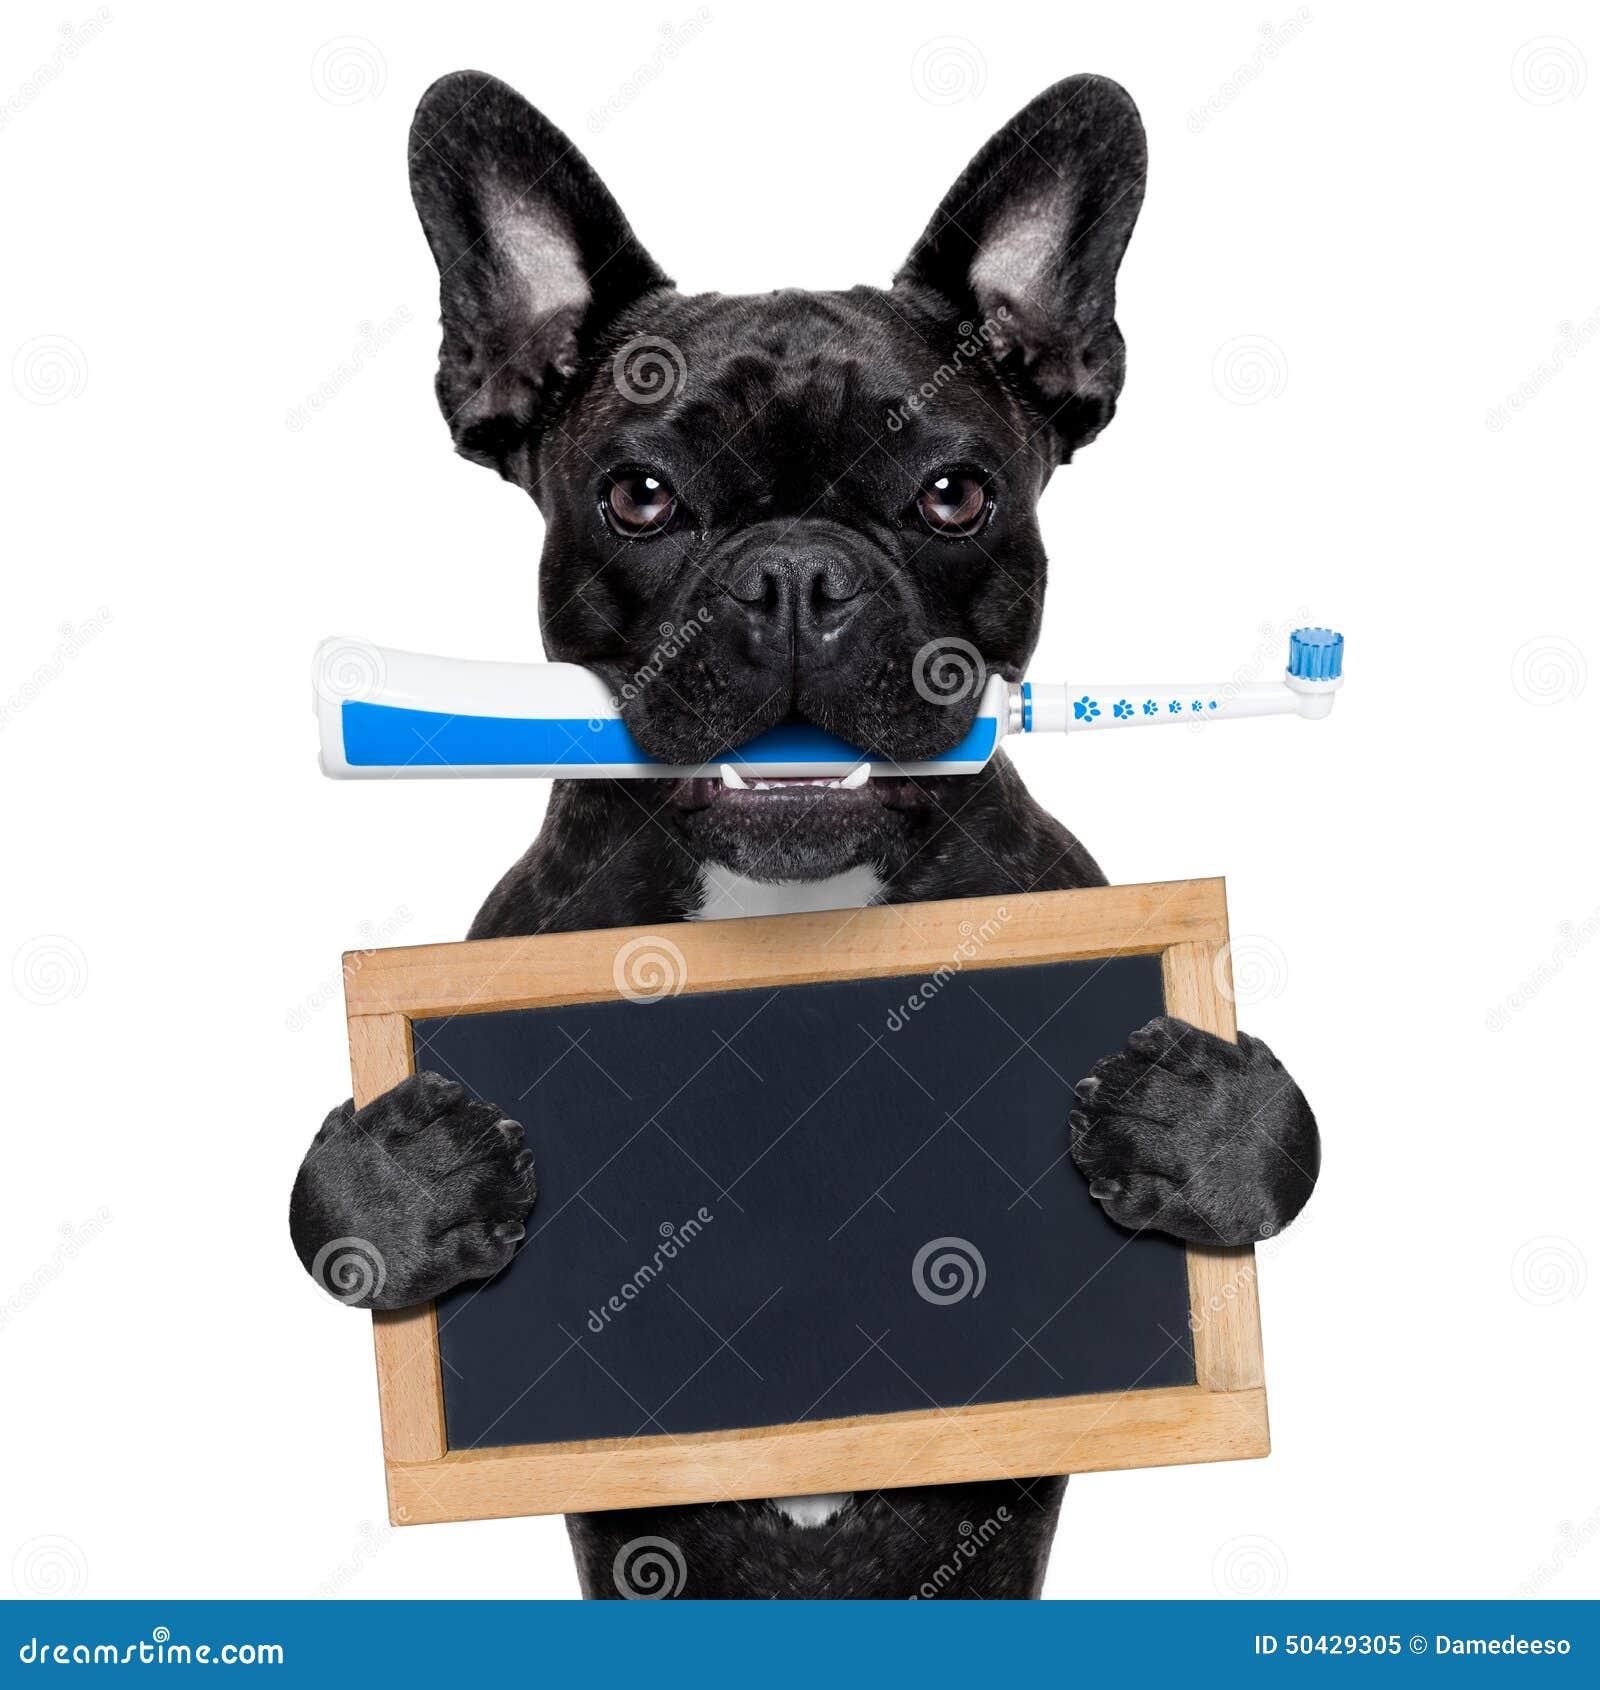 Chien de brosse dents lectrique photo stock image - Brosse a chien ...